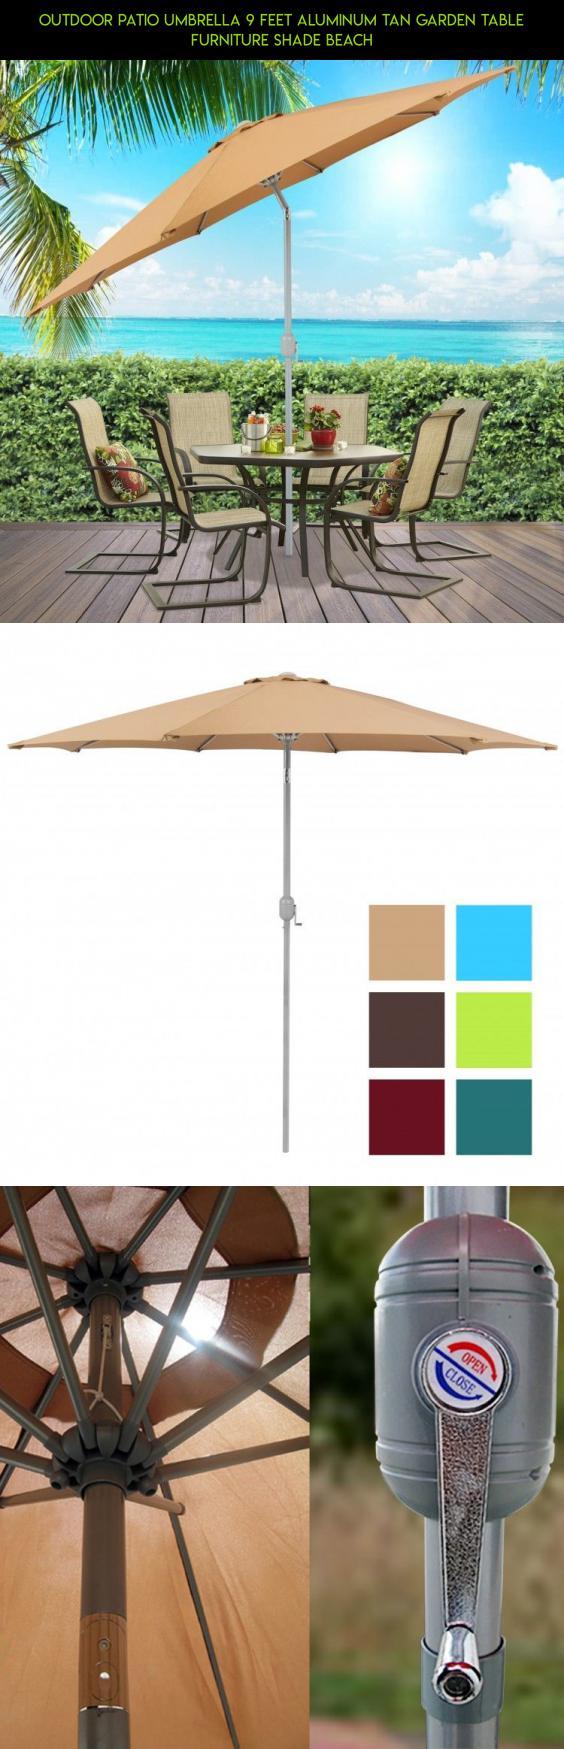 Outdoor Patio Umbrella 9 Feet Aluminum Tan Garden Table Furniture Shade Beach #tech #patio & Outdoor Patio Umbrella 9 Feet Aluminum Tan Garden Table Furniture ...